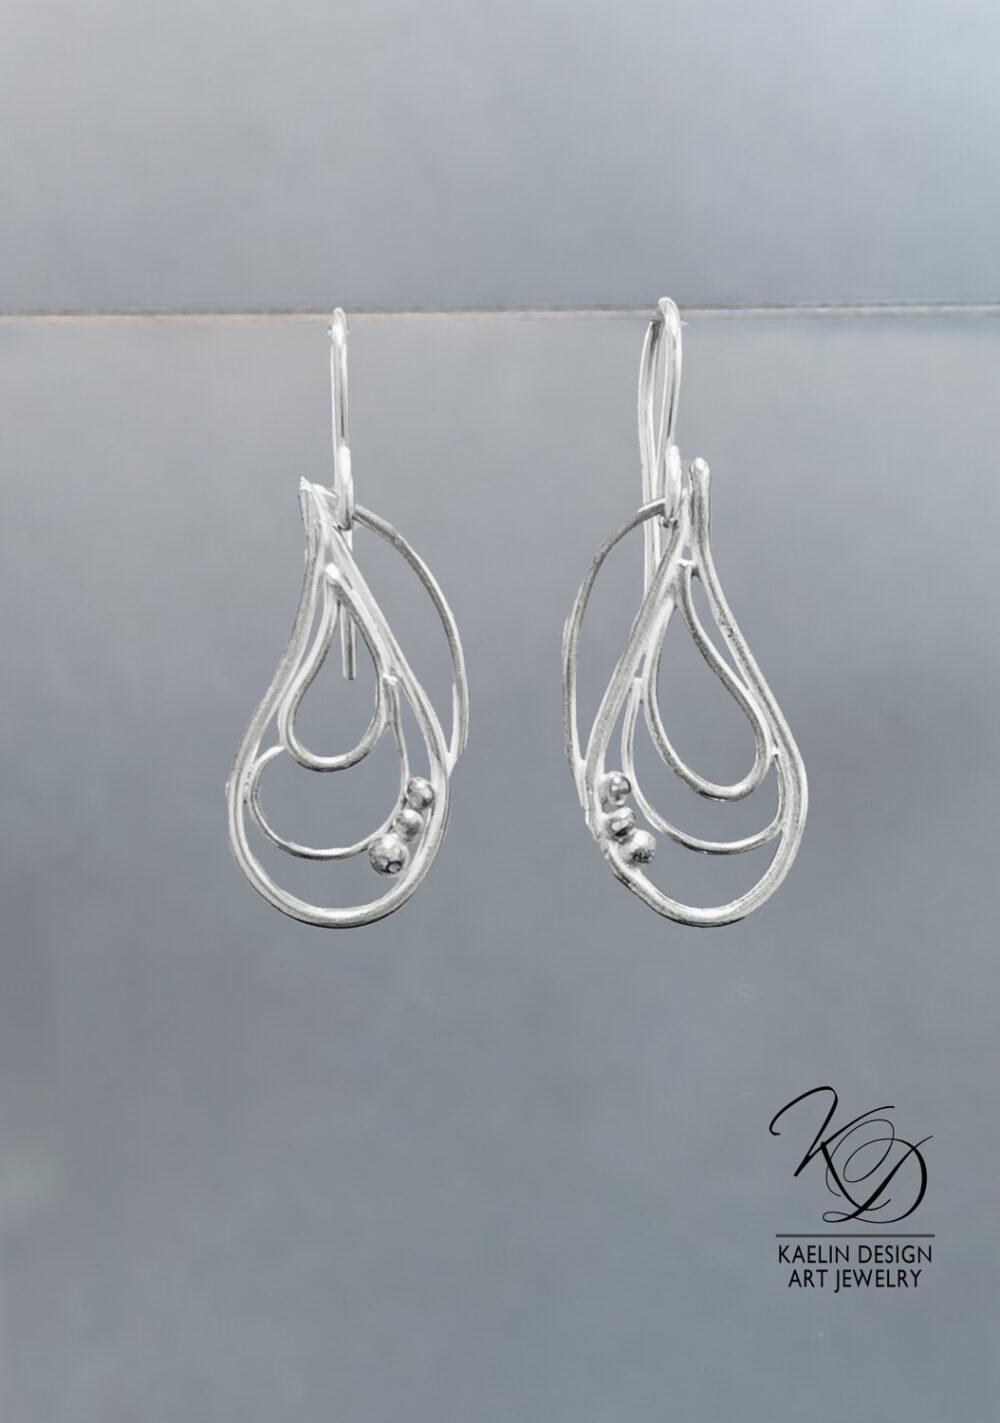 Captured Bubbles Ocean Inspired Sterling Silver Earrings by Kaelin Design Fine Art Jewelry